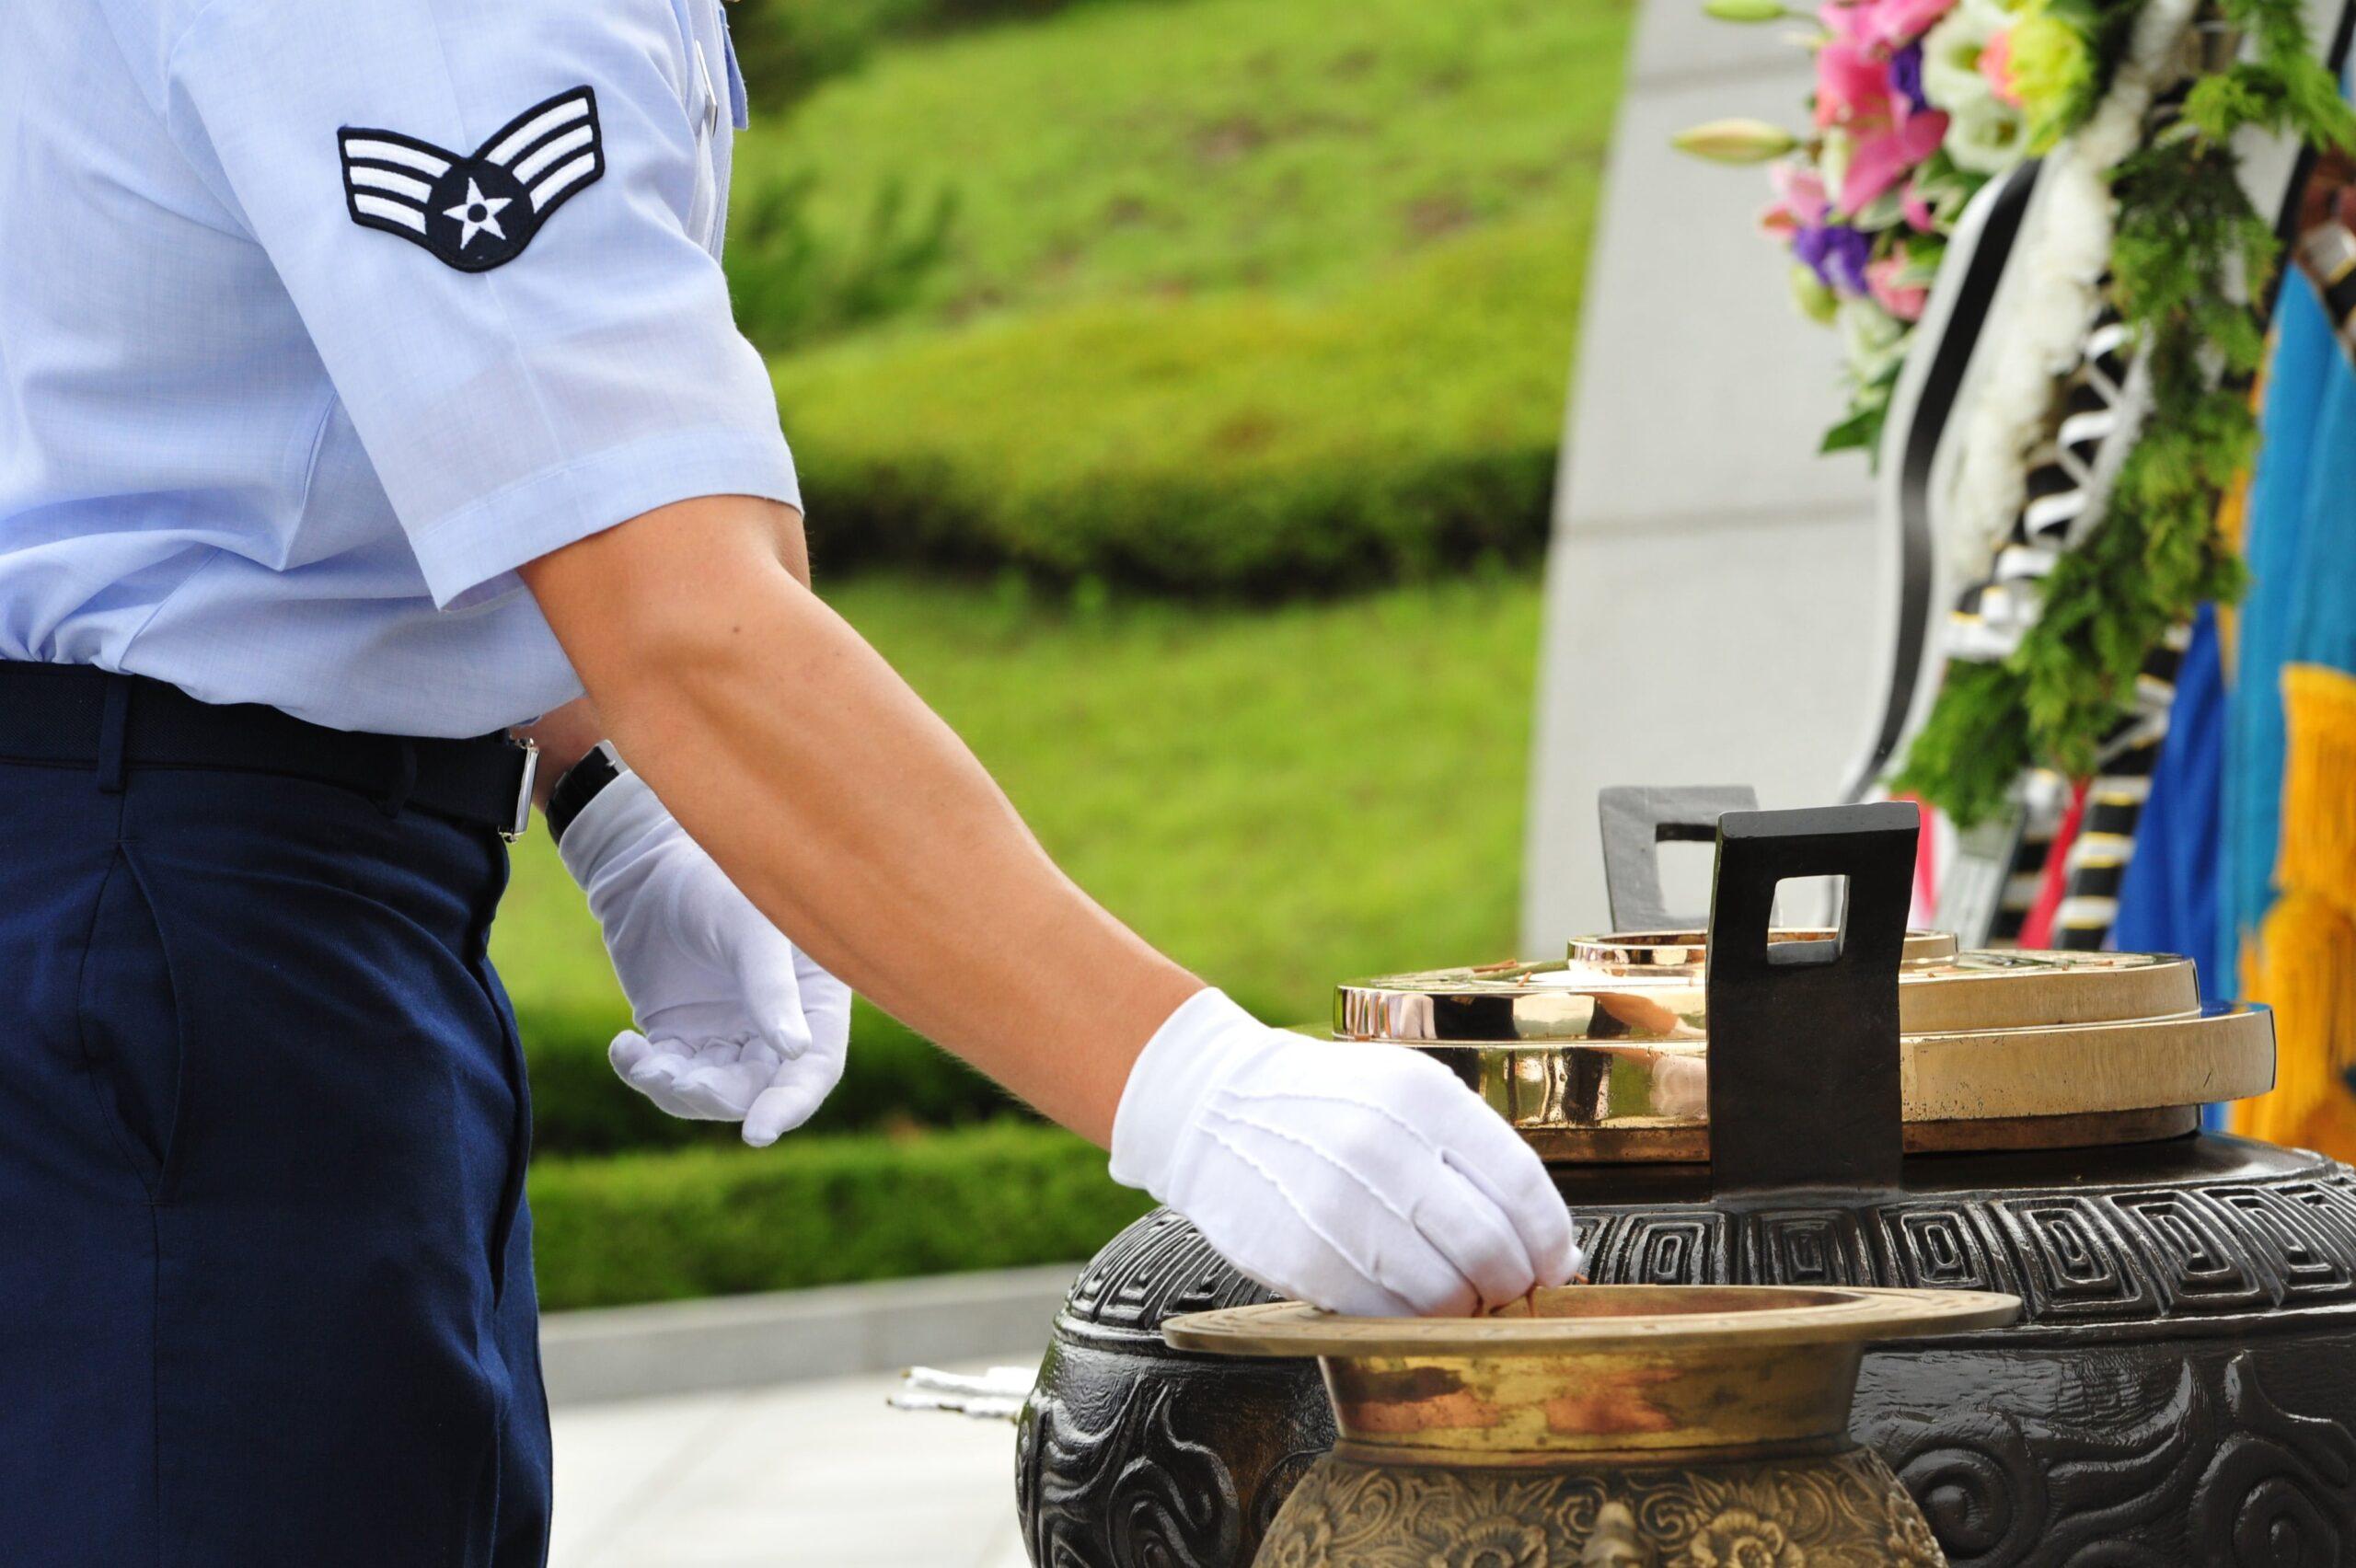 20 tys. zł zadośćuczynienia za przypadkową kremację zwłok